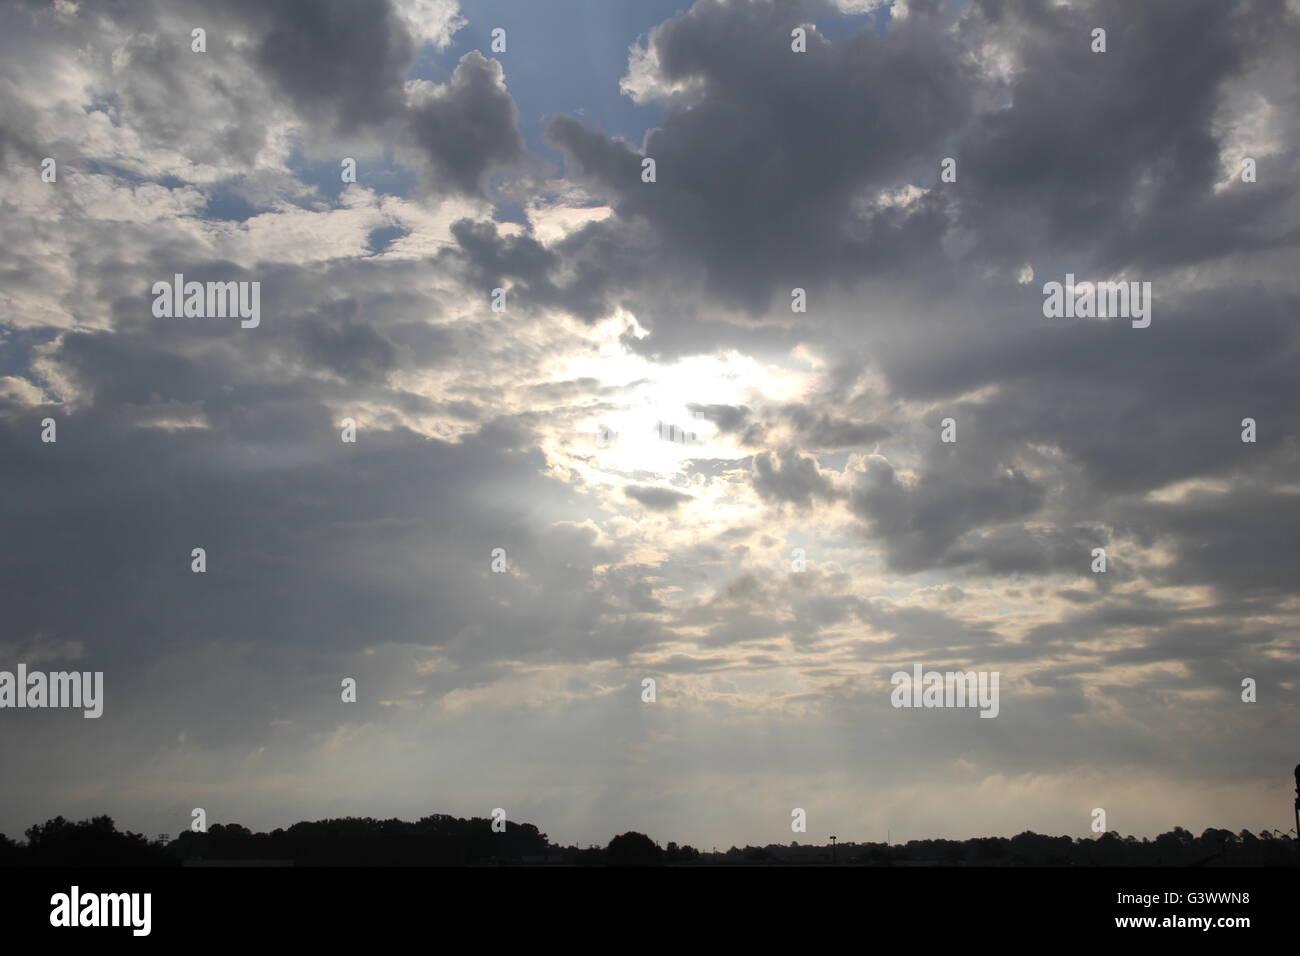 Schöne Strahlen des Sonnenlichts Pierce die durch die dunklen Wolken schaffen leuchtende Strahlen schießen Stockbild